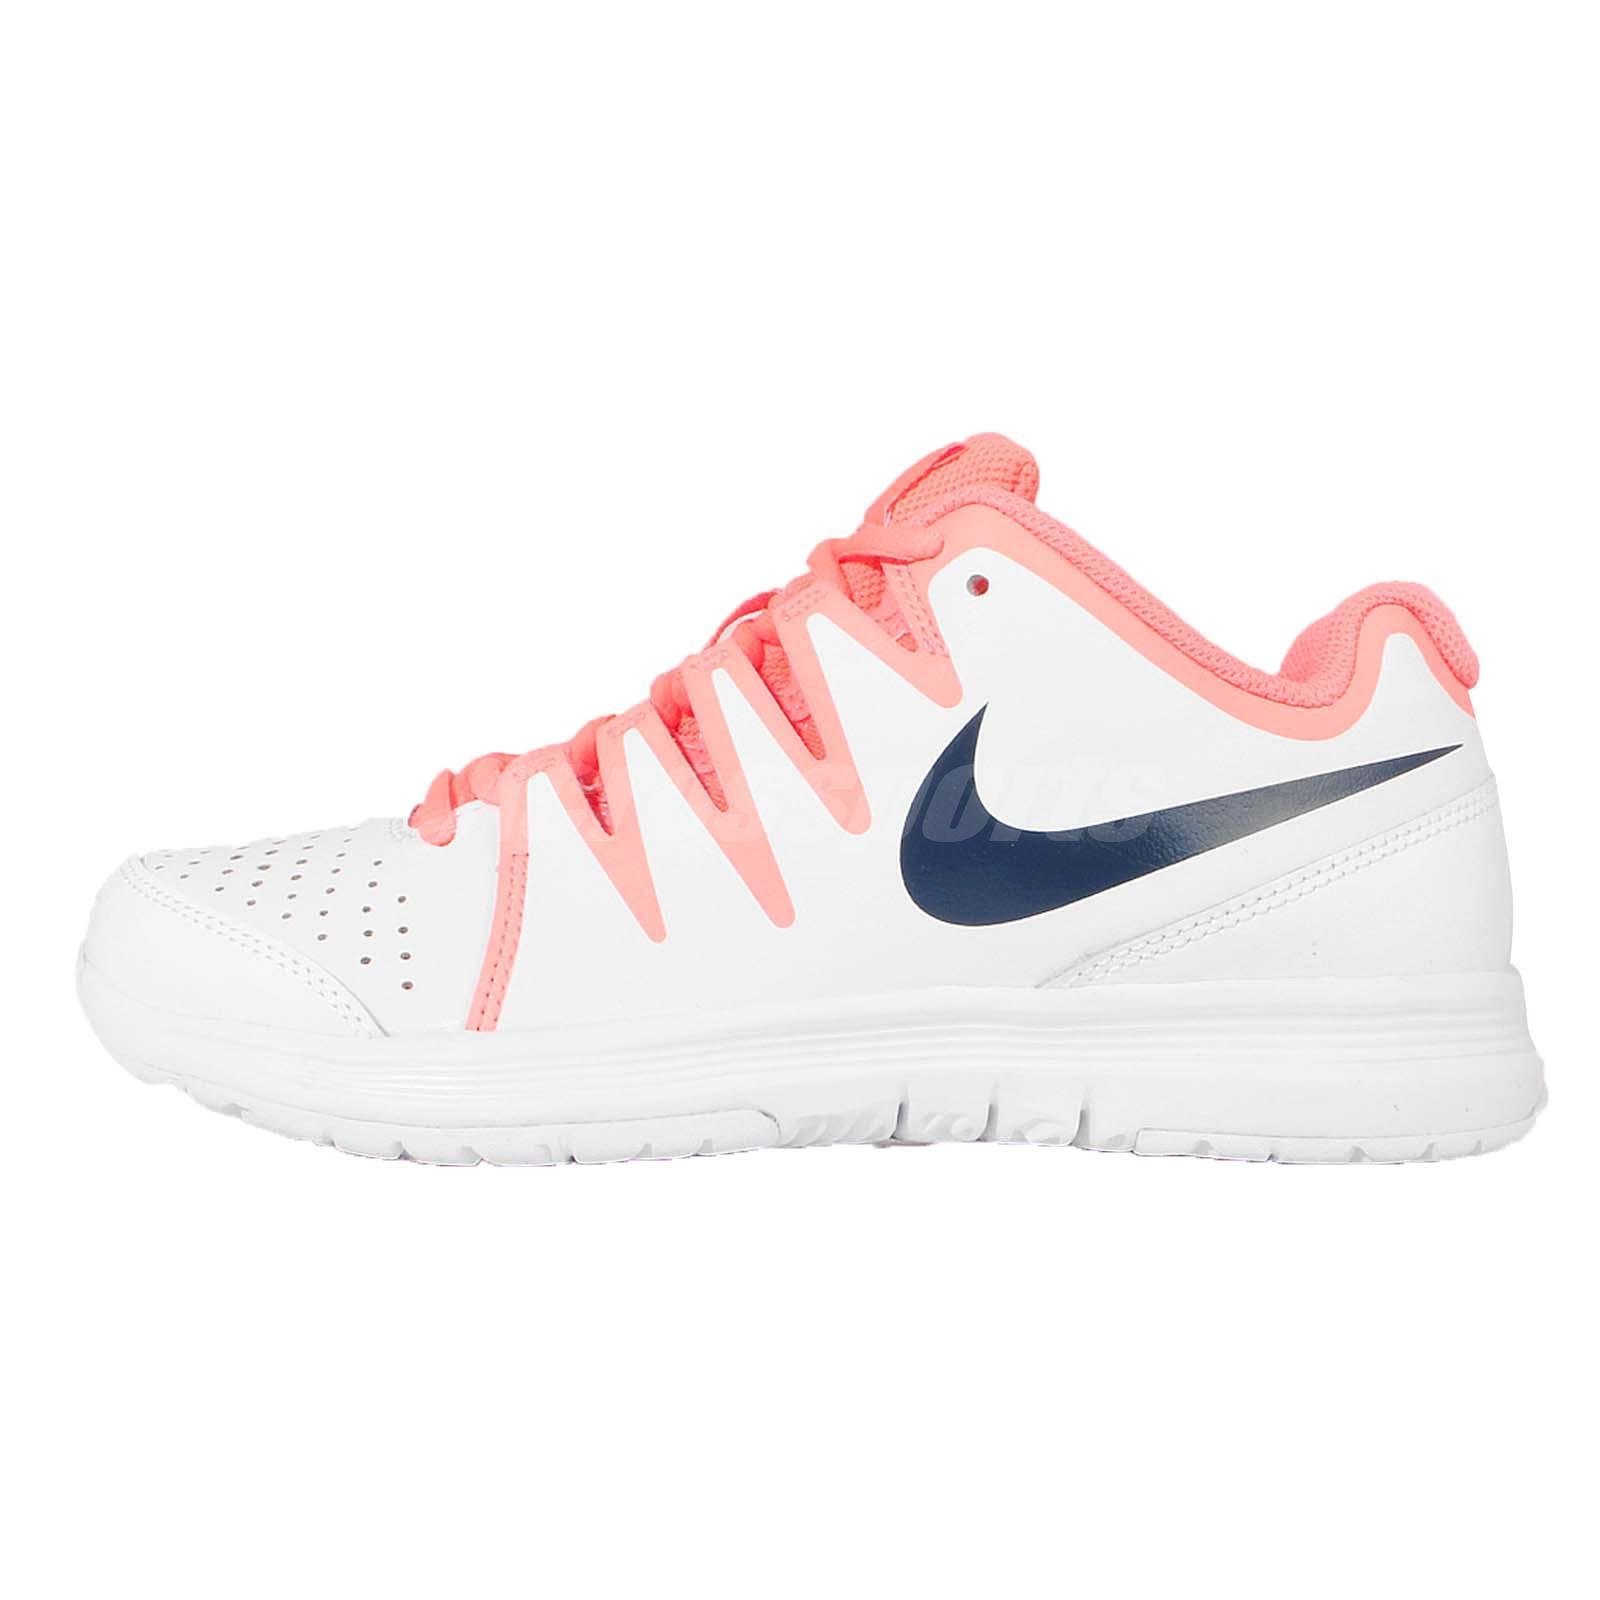 san francisco 576c6 13294 nike free 5.0 navy pink shoes